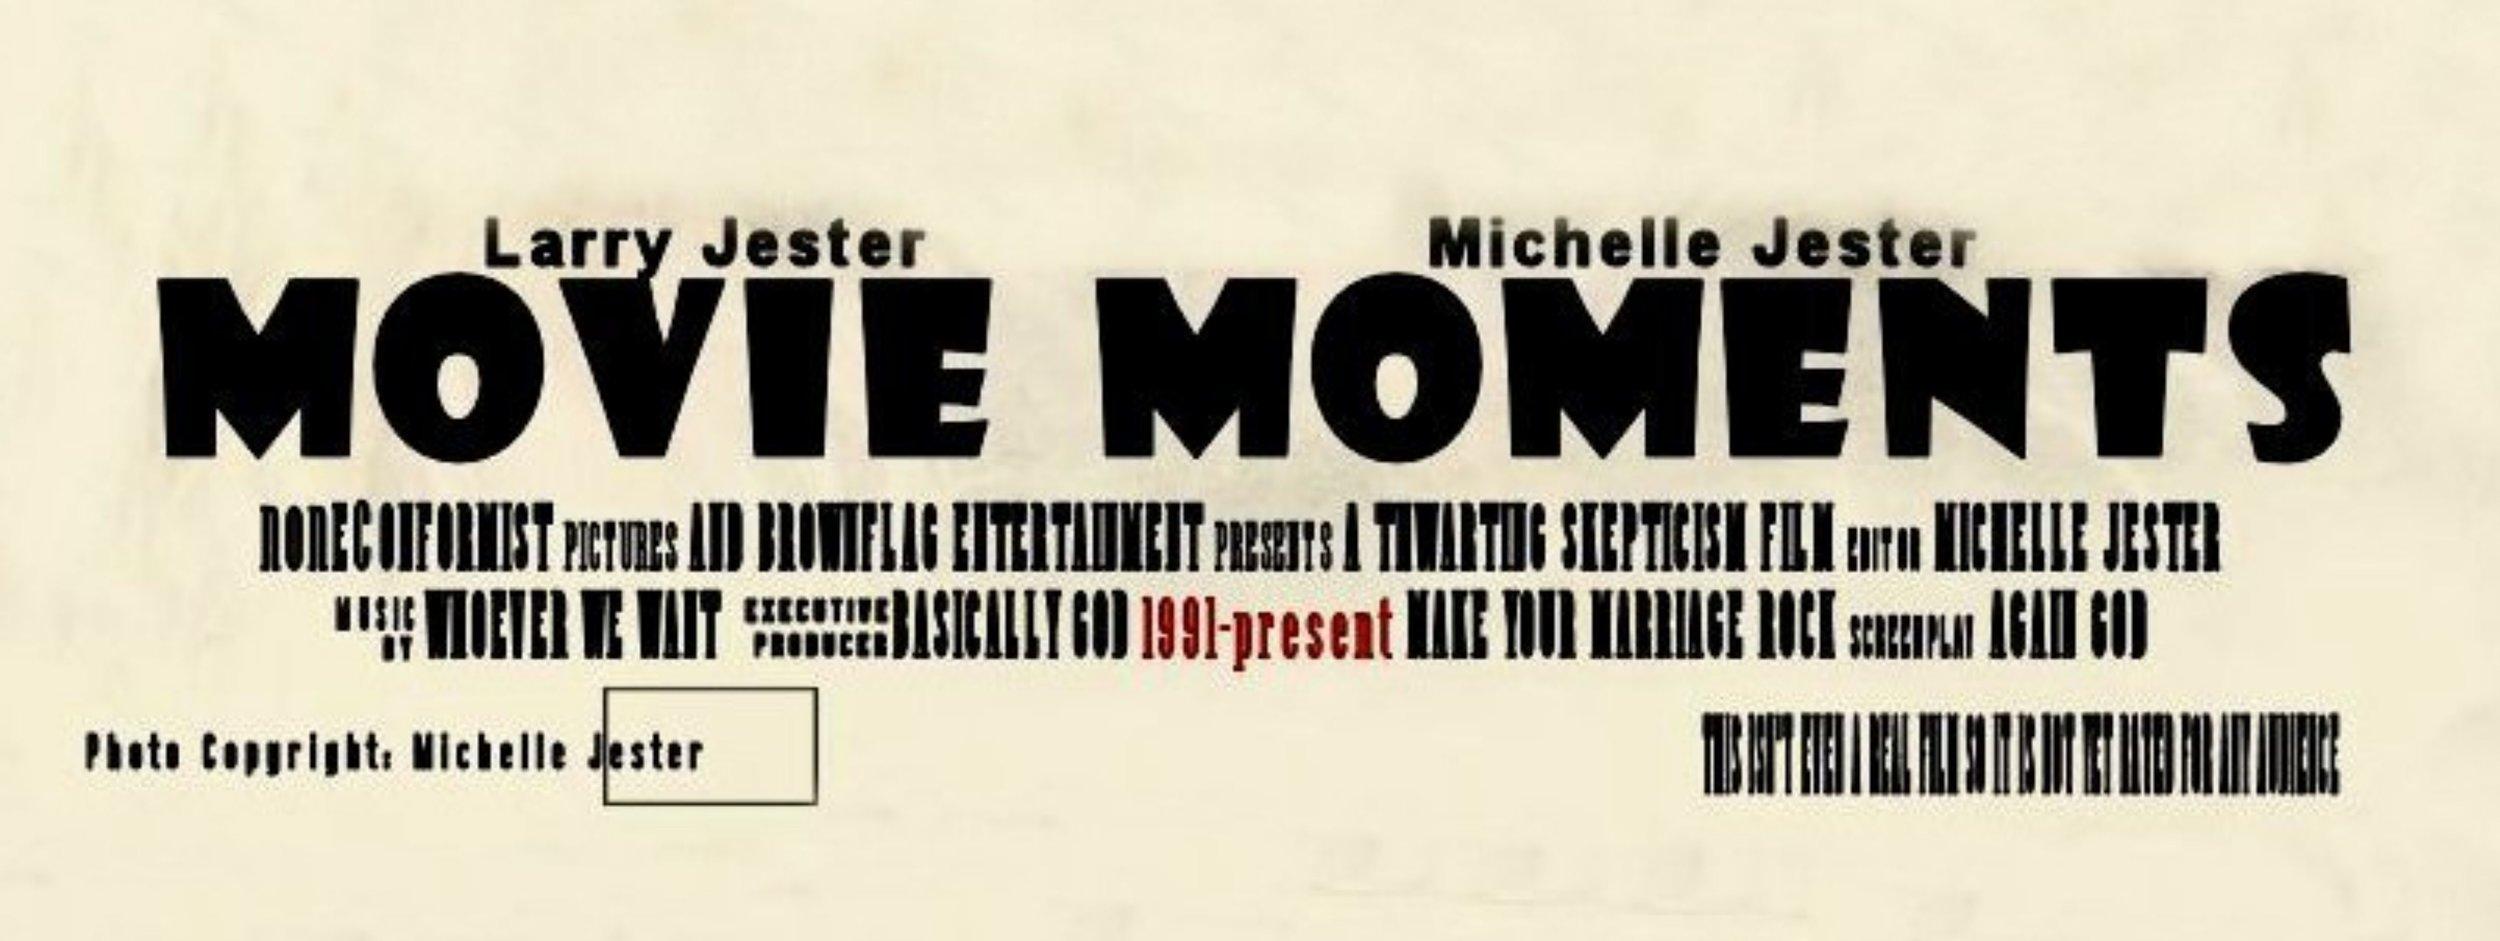 Michelle Jester PAGE Movie Poster main22 header.jpg